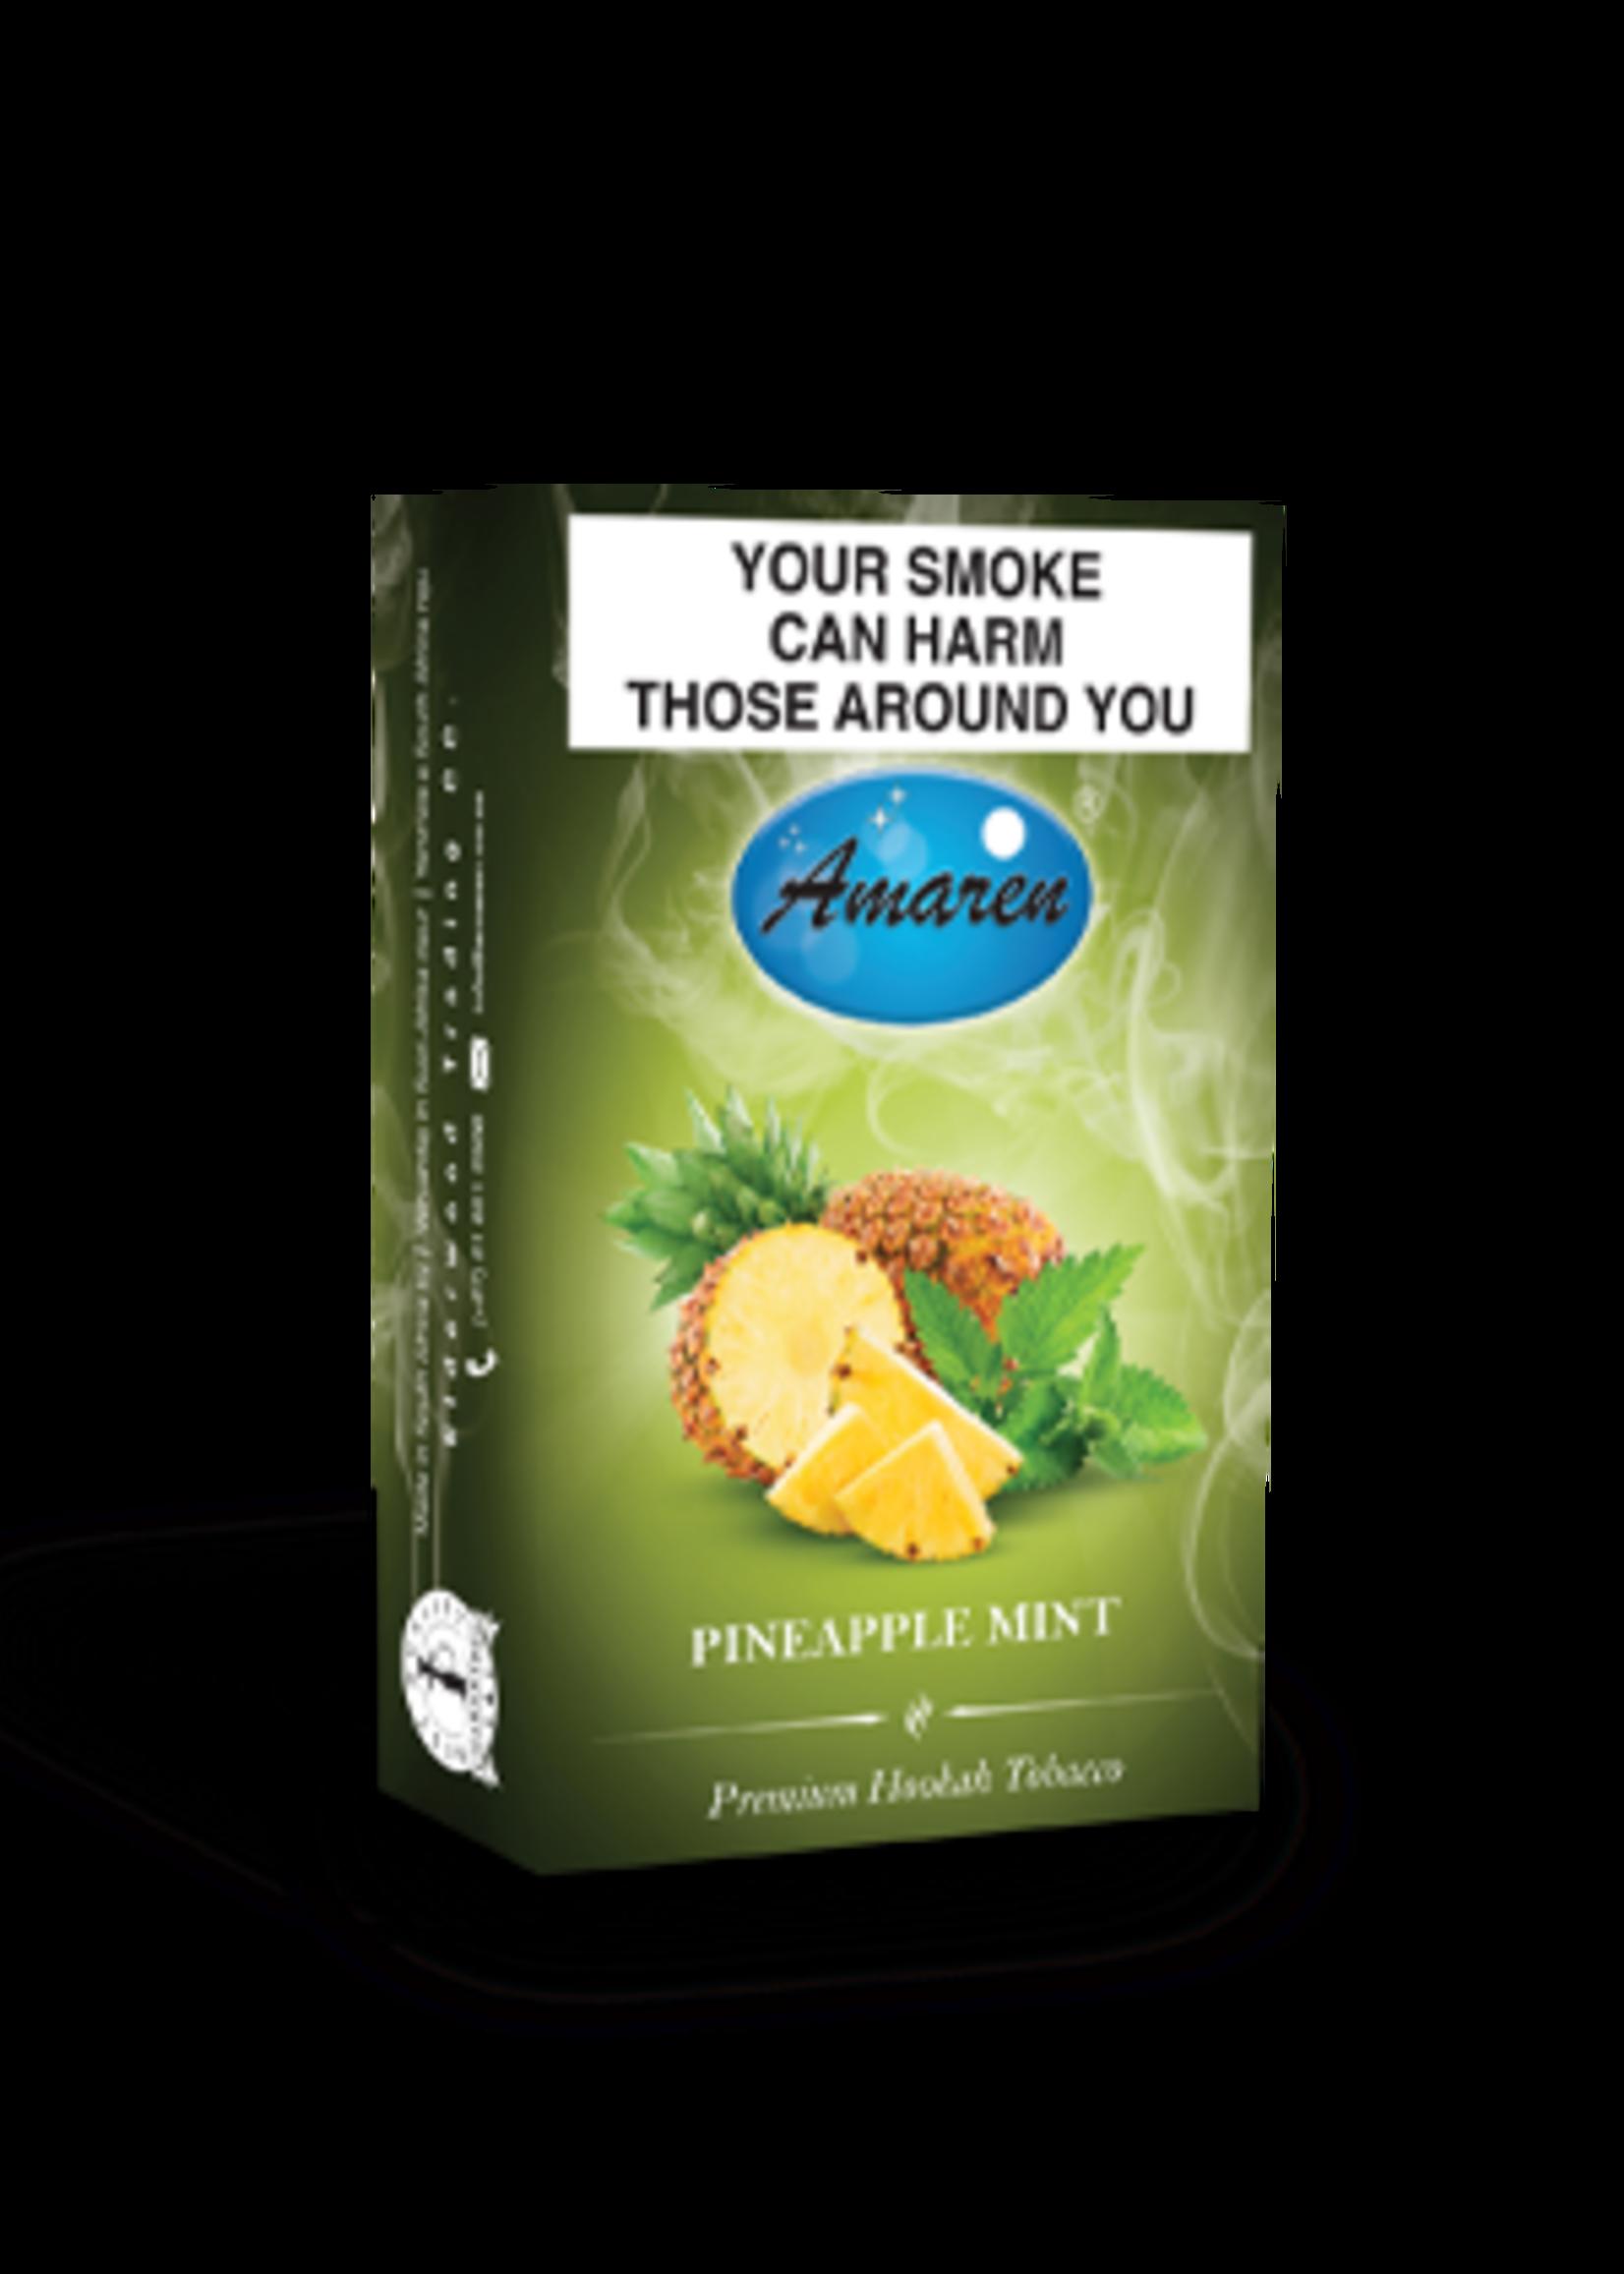 Amaren hubbly flavour - pineapple mint